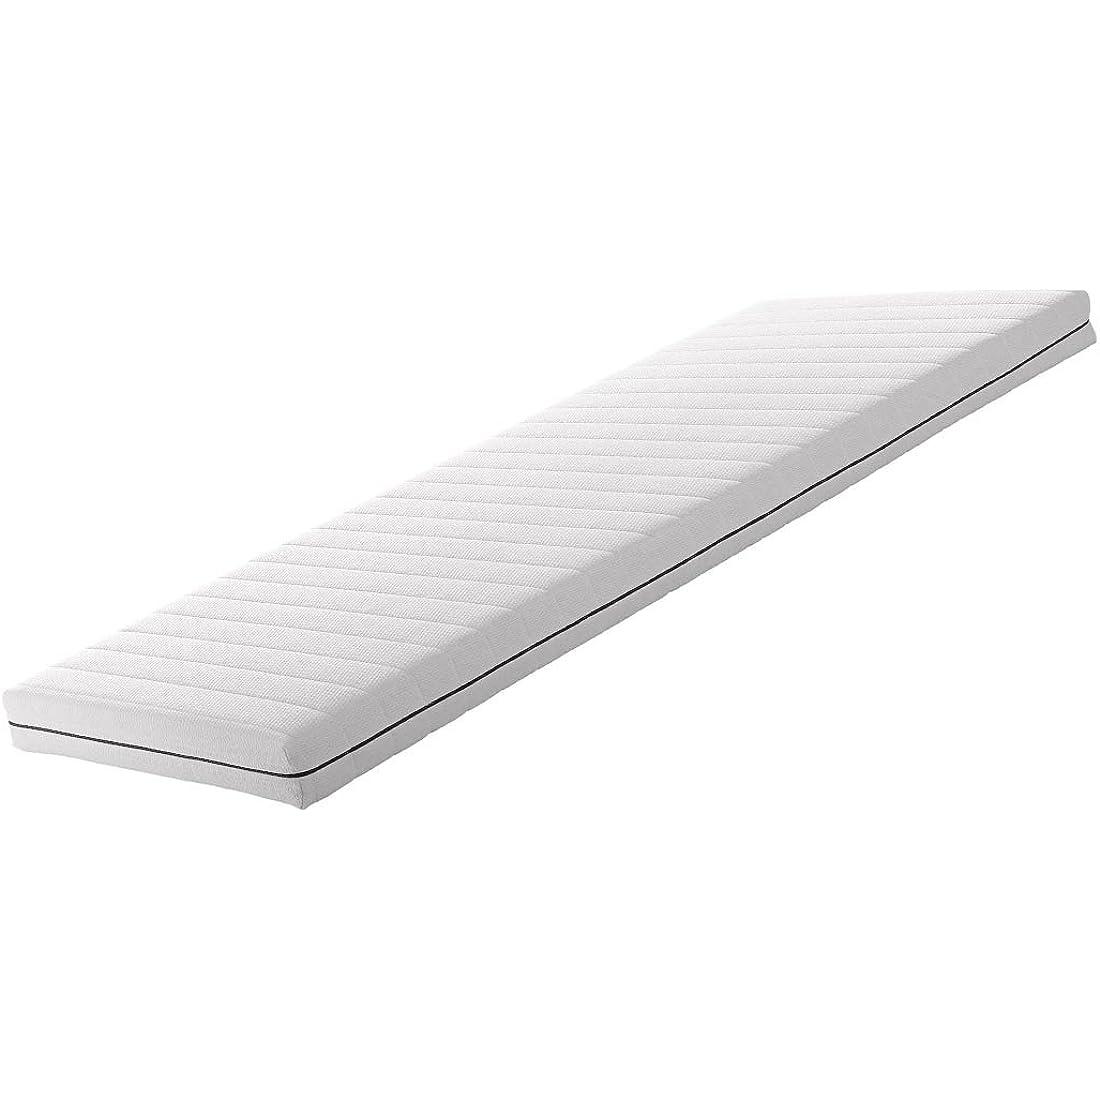 Betten-ABC bietet die Kaltschaummatratze 120x200 und weitere Größen - noch dazu in verschiedenen Härtegraden.